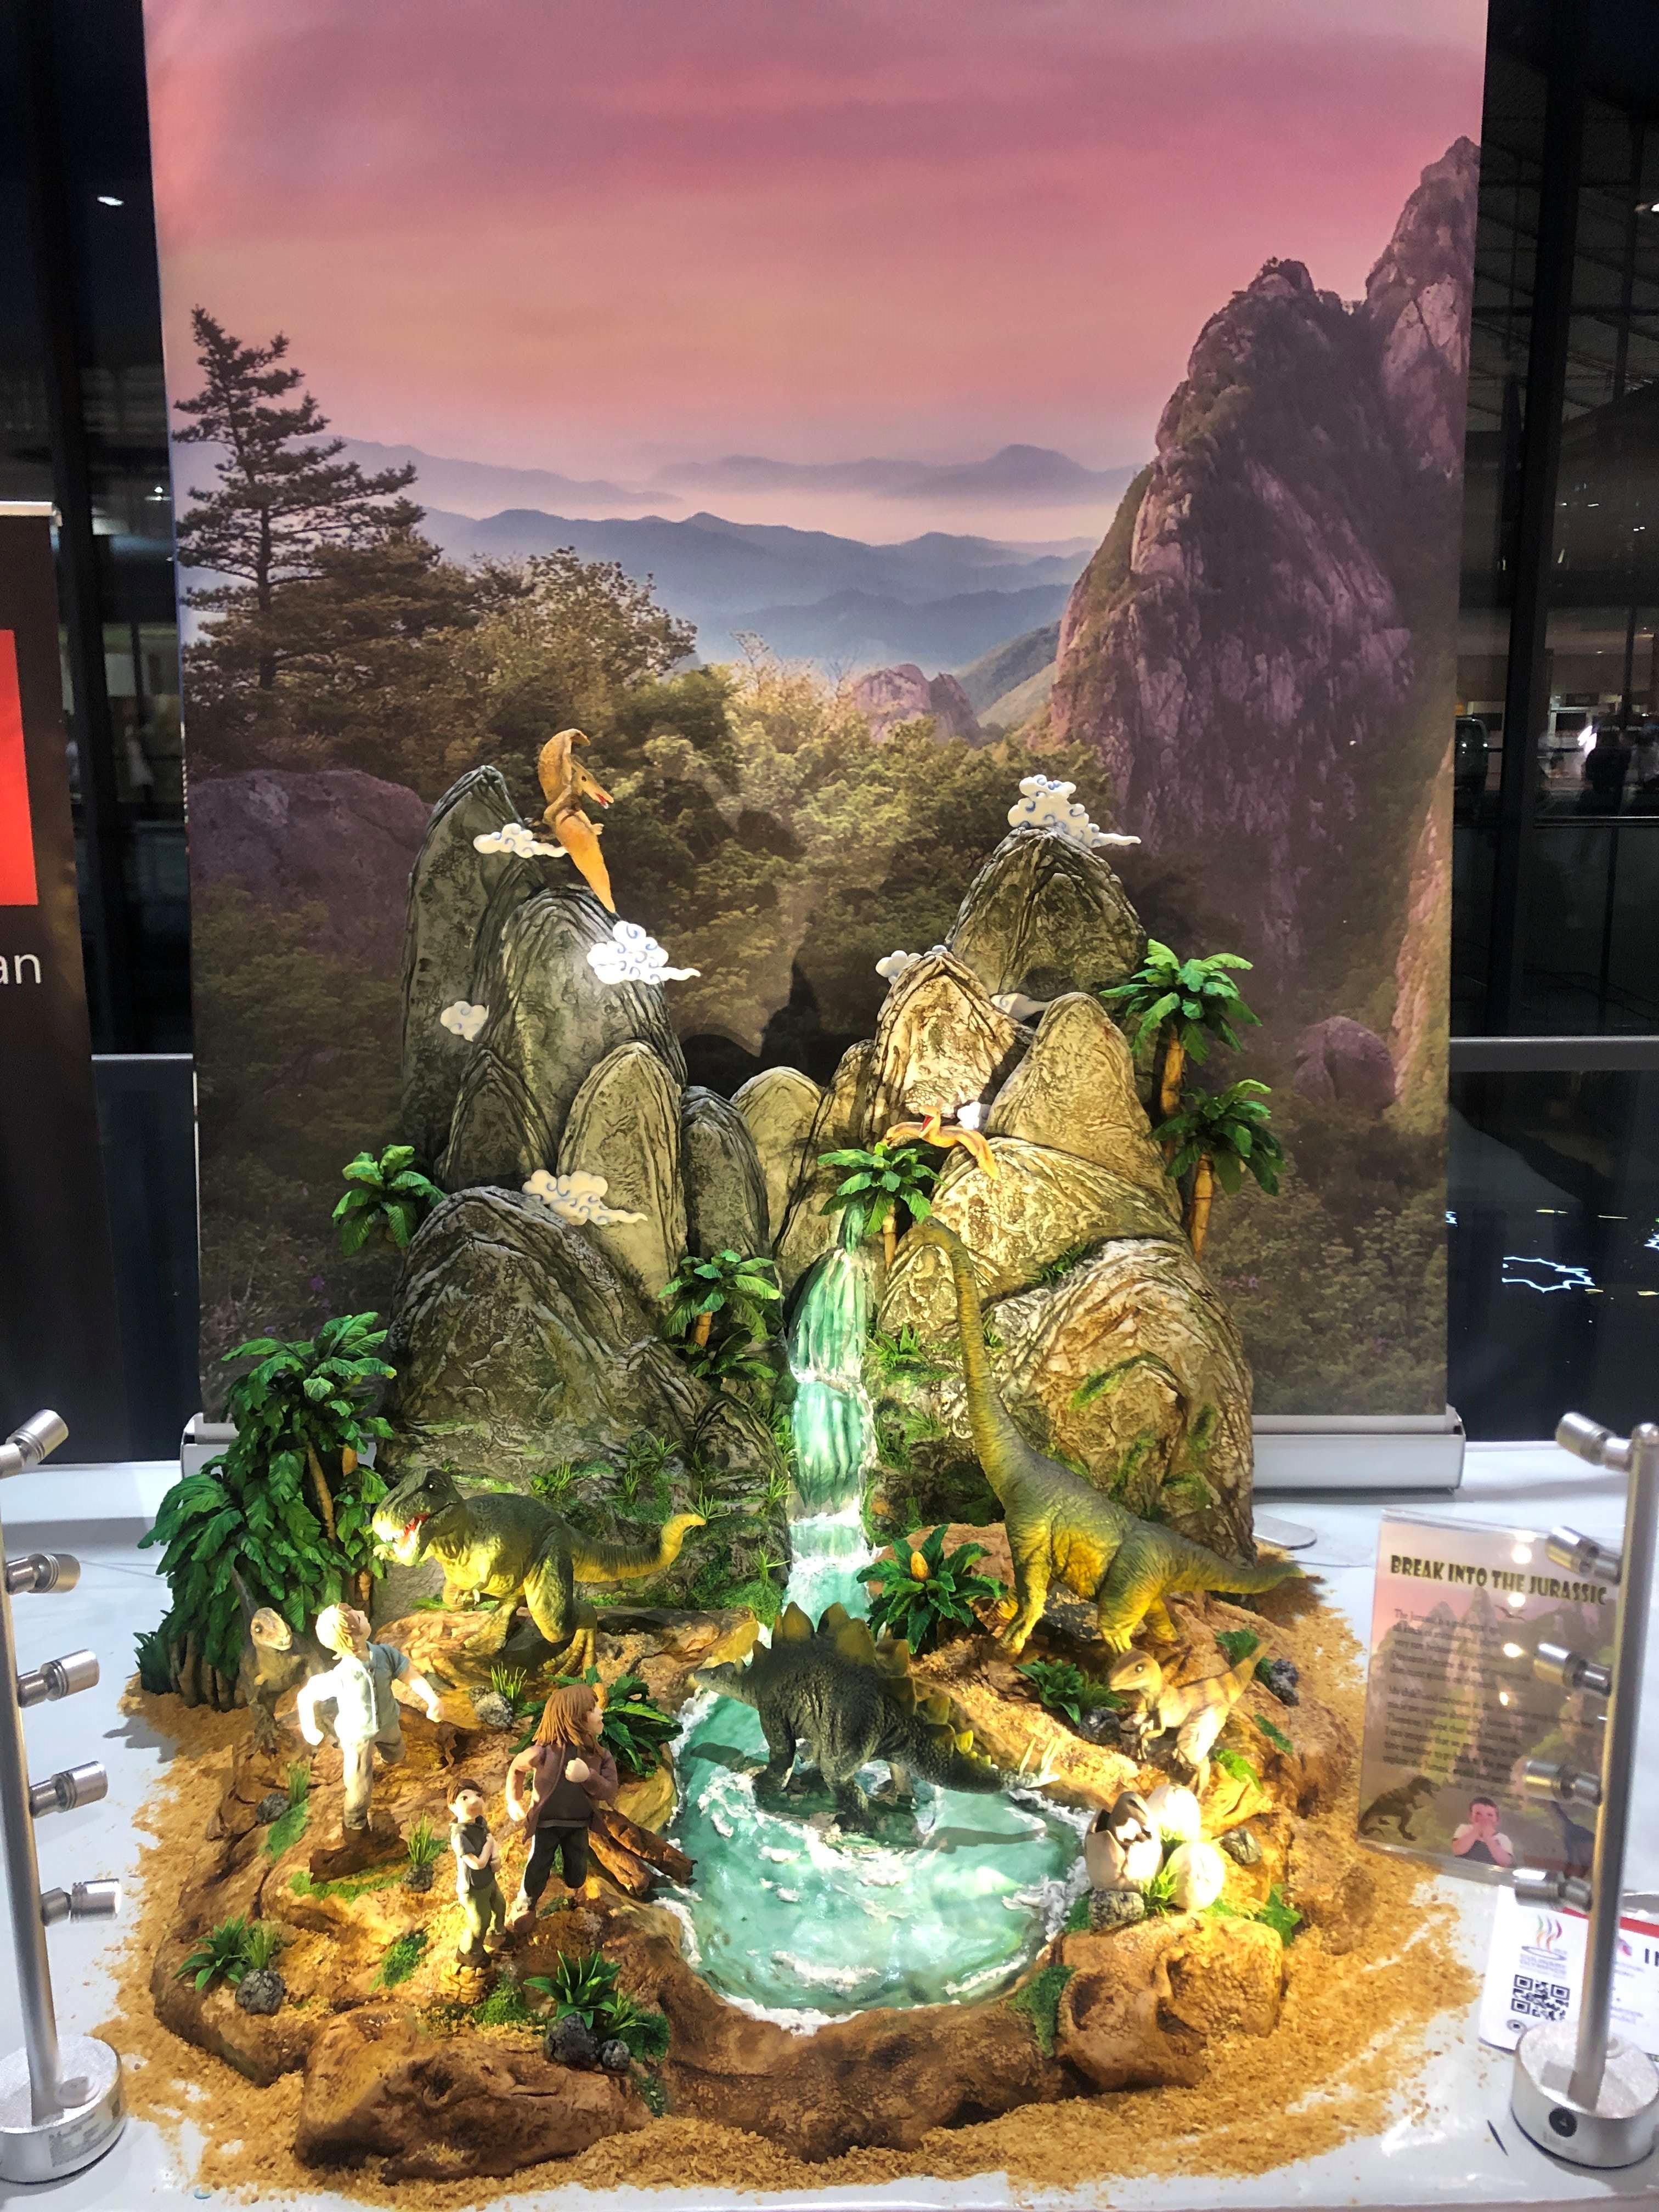 廖正宇以「勇闖侏羅紀」作品,榮獲德國奧林匹克廚藝大賽金牌(圖為廖同學提供)